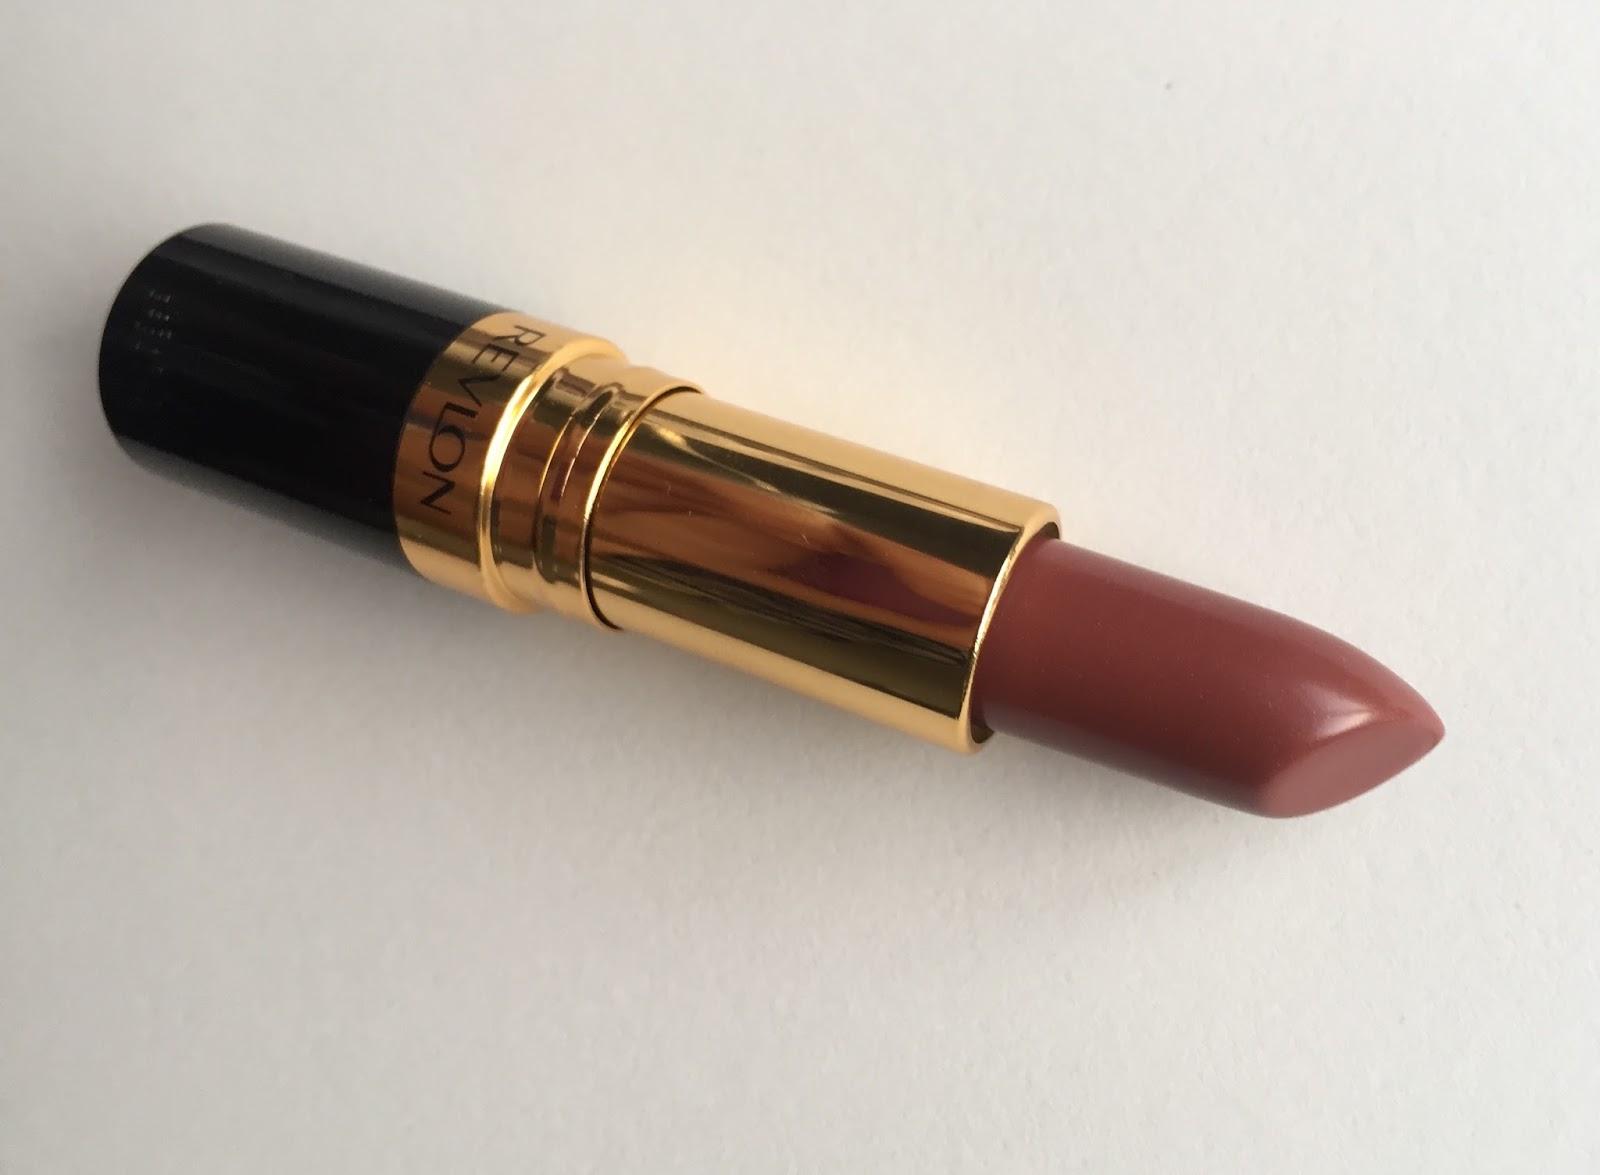 auxiliary beauty: Dolce Vita Dupe: Revlon Super Lustrous ...